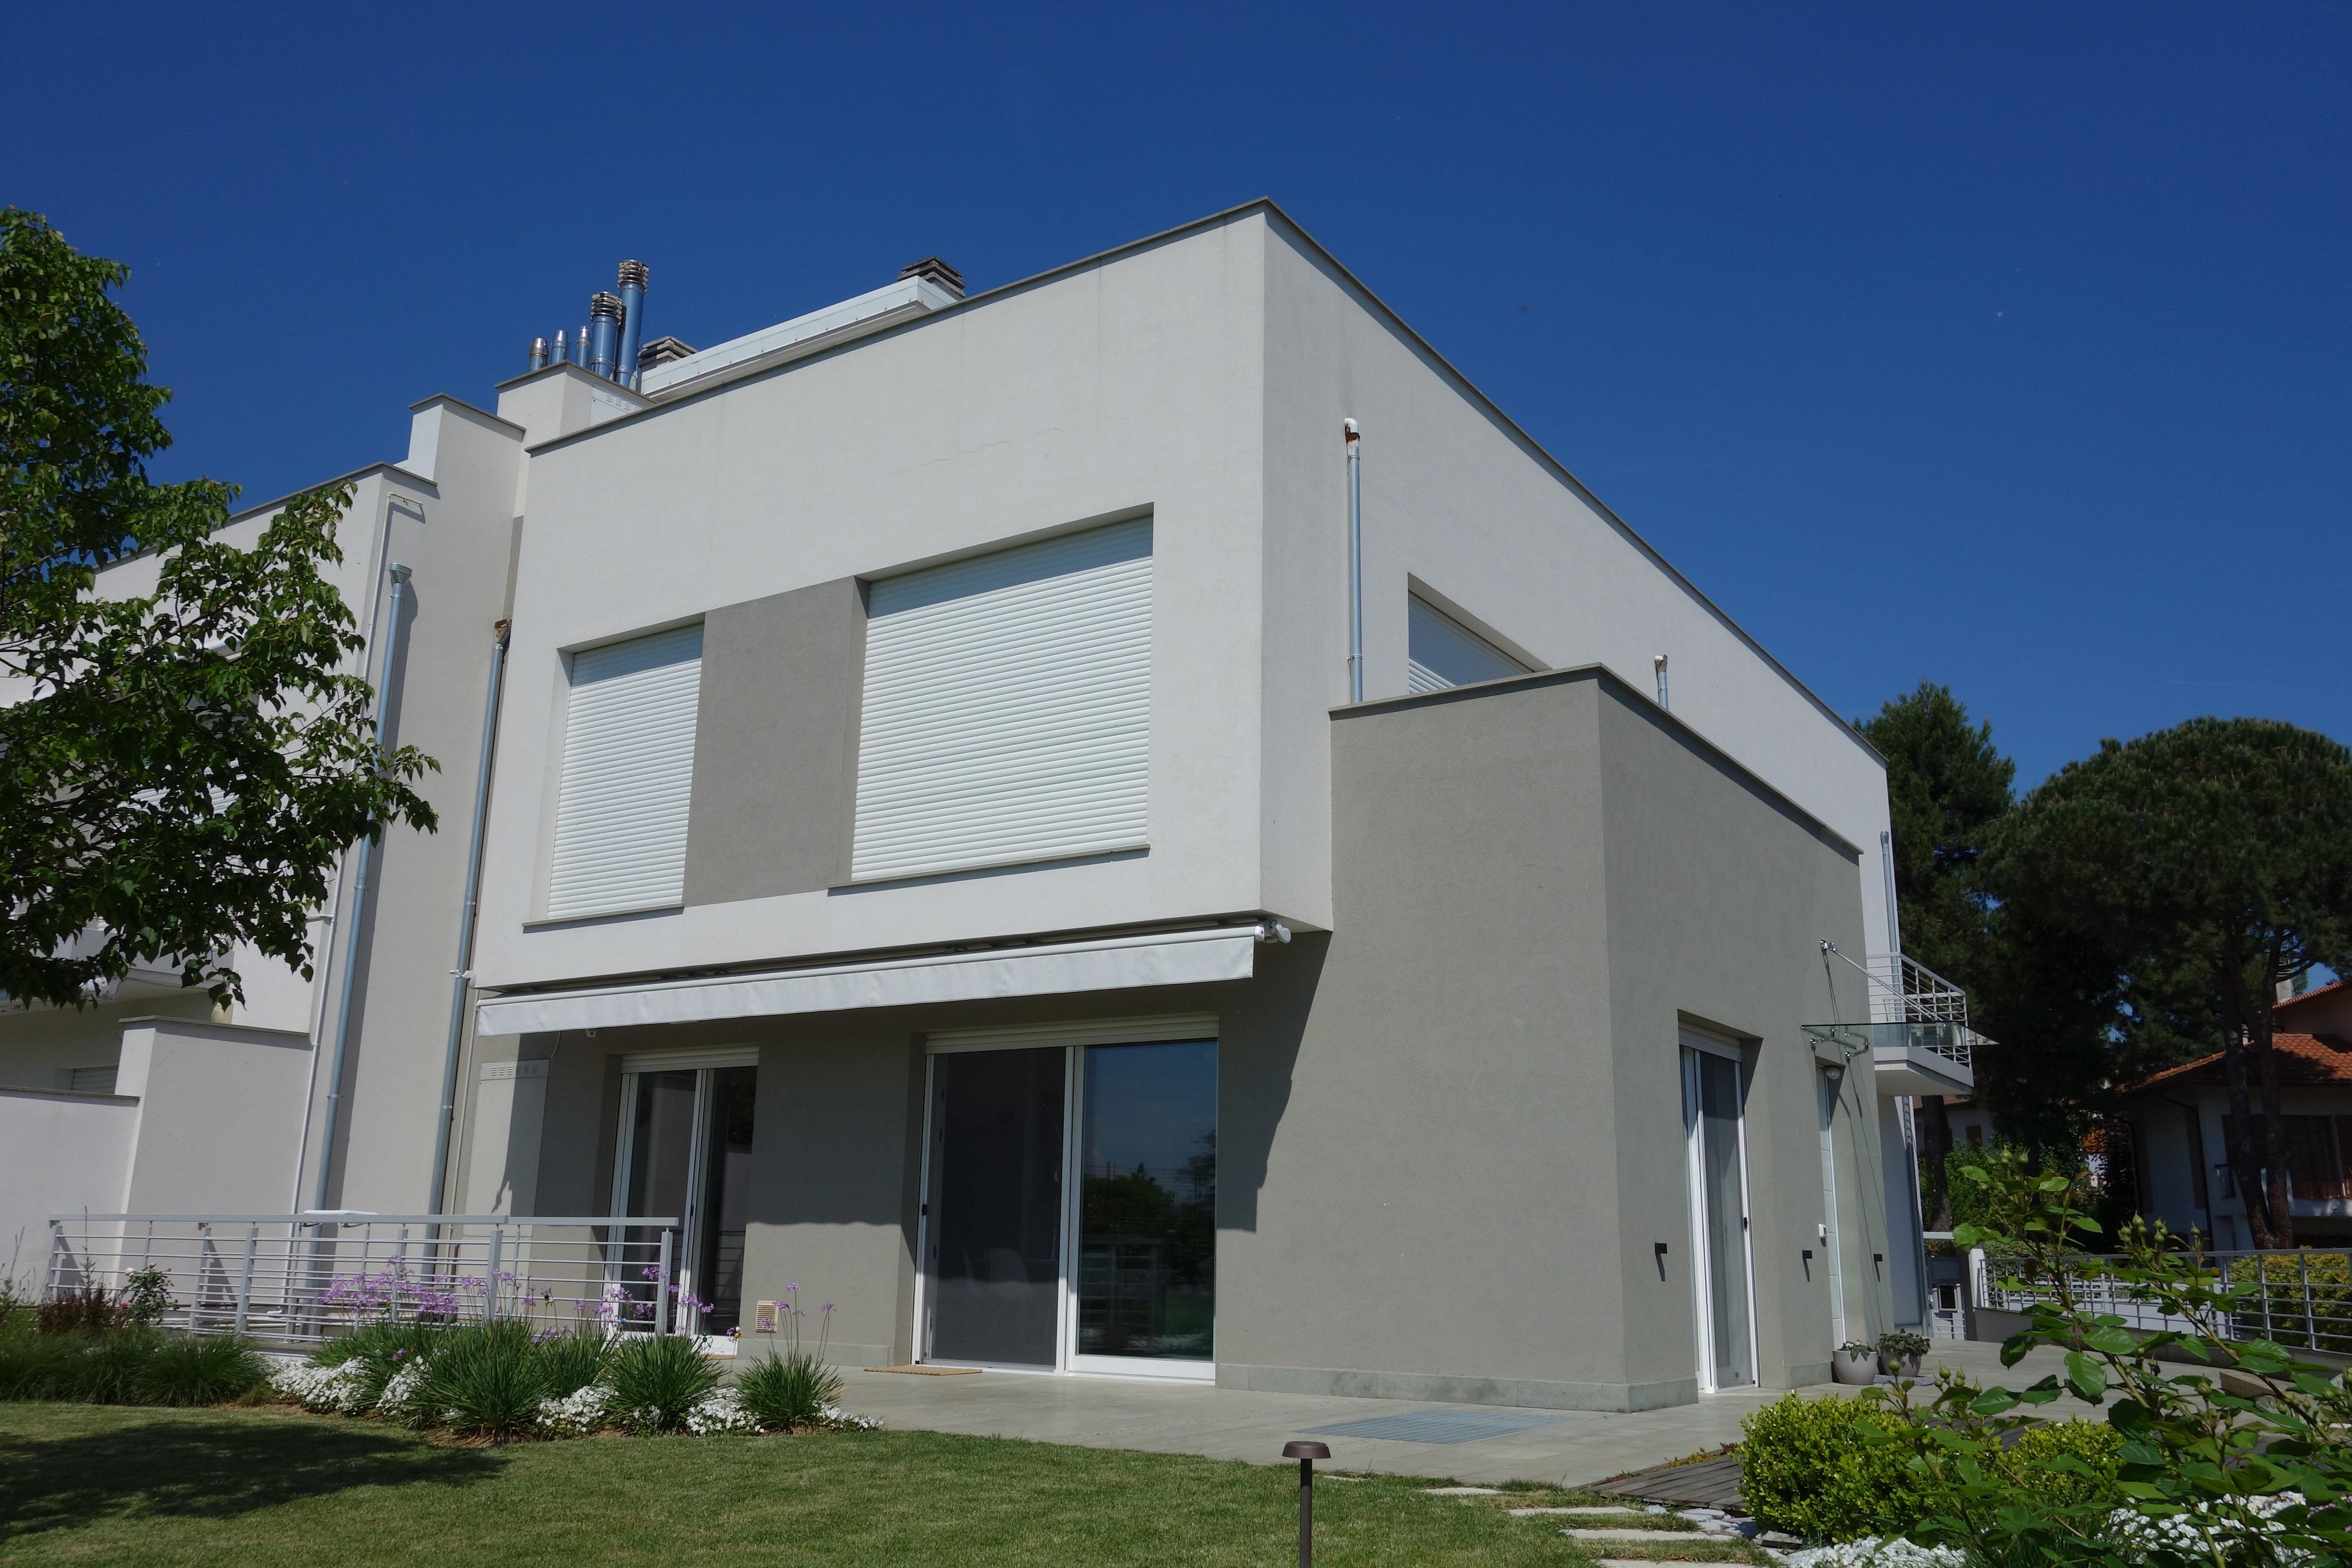 Villa mtd02 versione b marco theseider dupr - B b le finestre sul centro jesi an ...